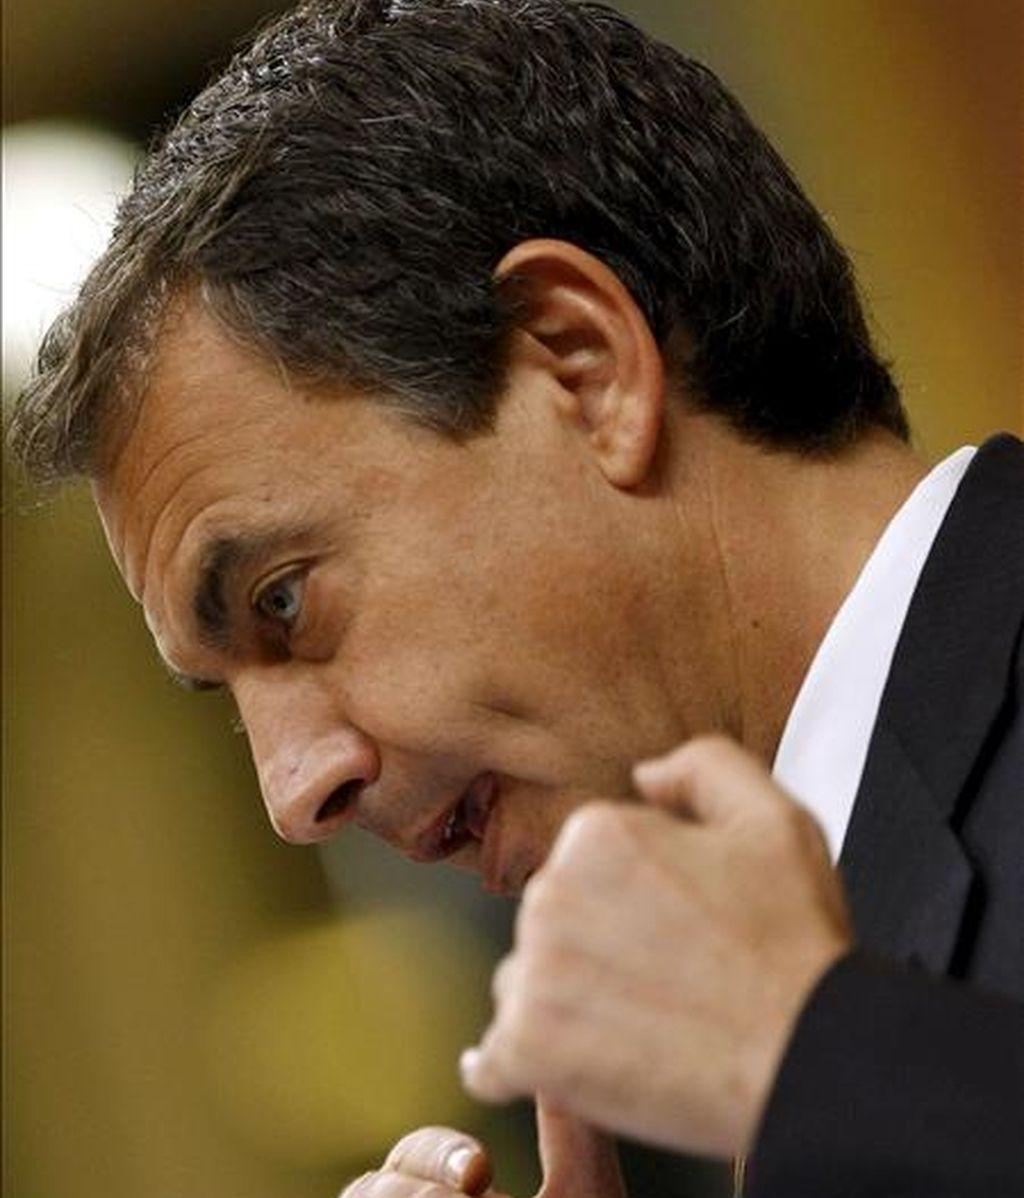 El presidente del Gobierno, José Luís Rodríguez Zapatero, durante su intervención hoy en la segunda jornada del debate sobre el estado de la nación. EFE